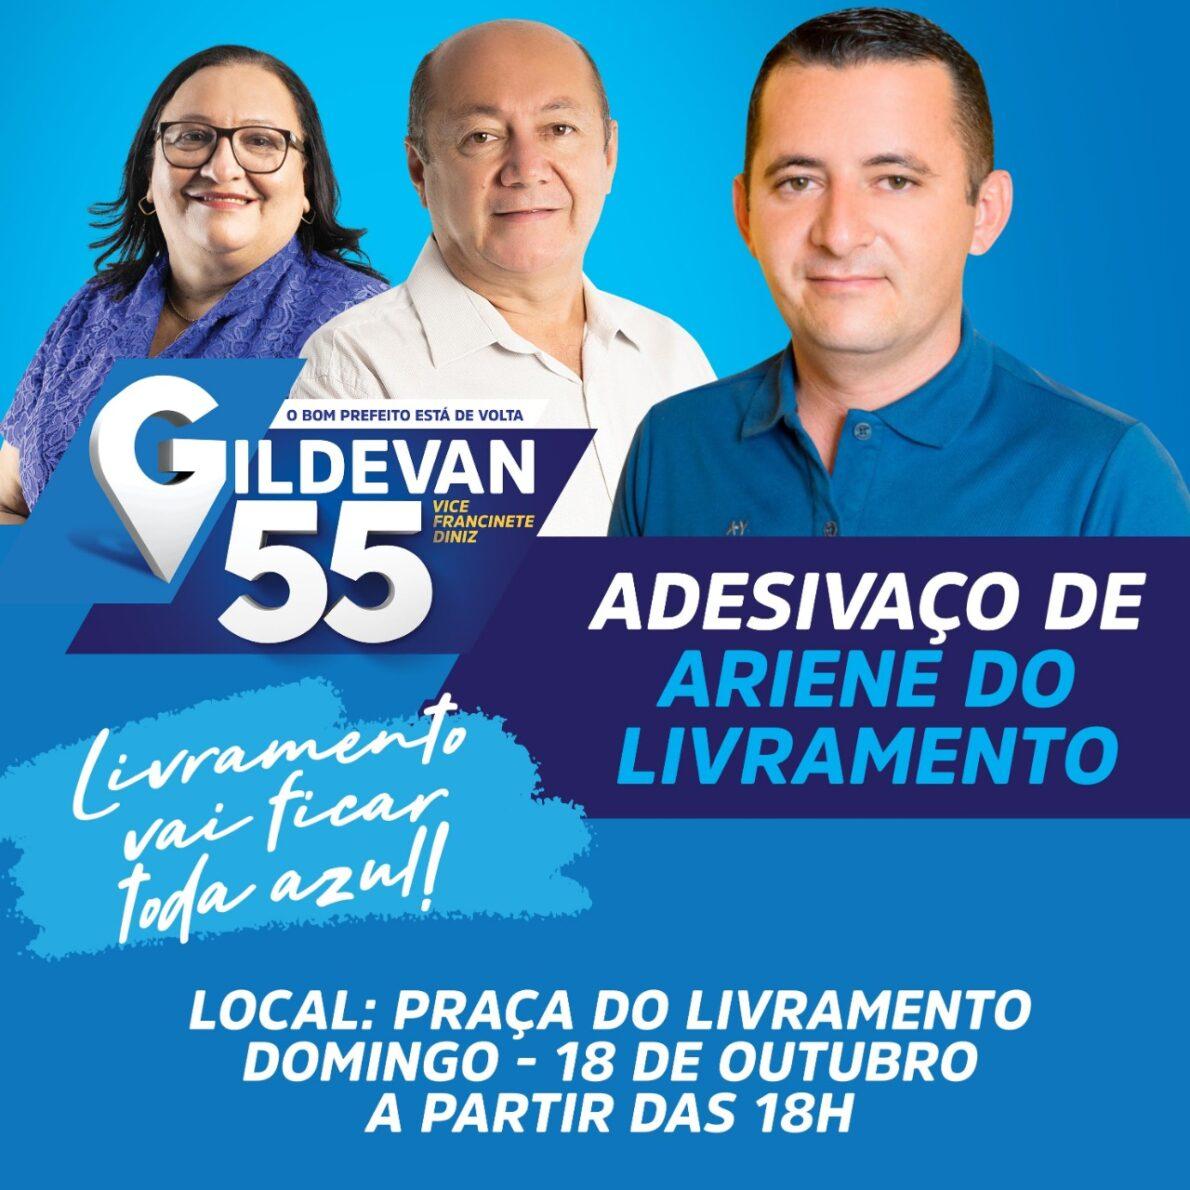 Ariene do Livramento organiza Adesivaço na praça do Distrito neste domingo